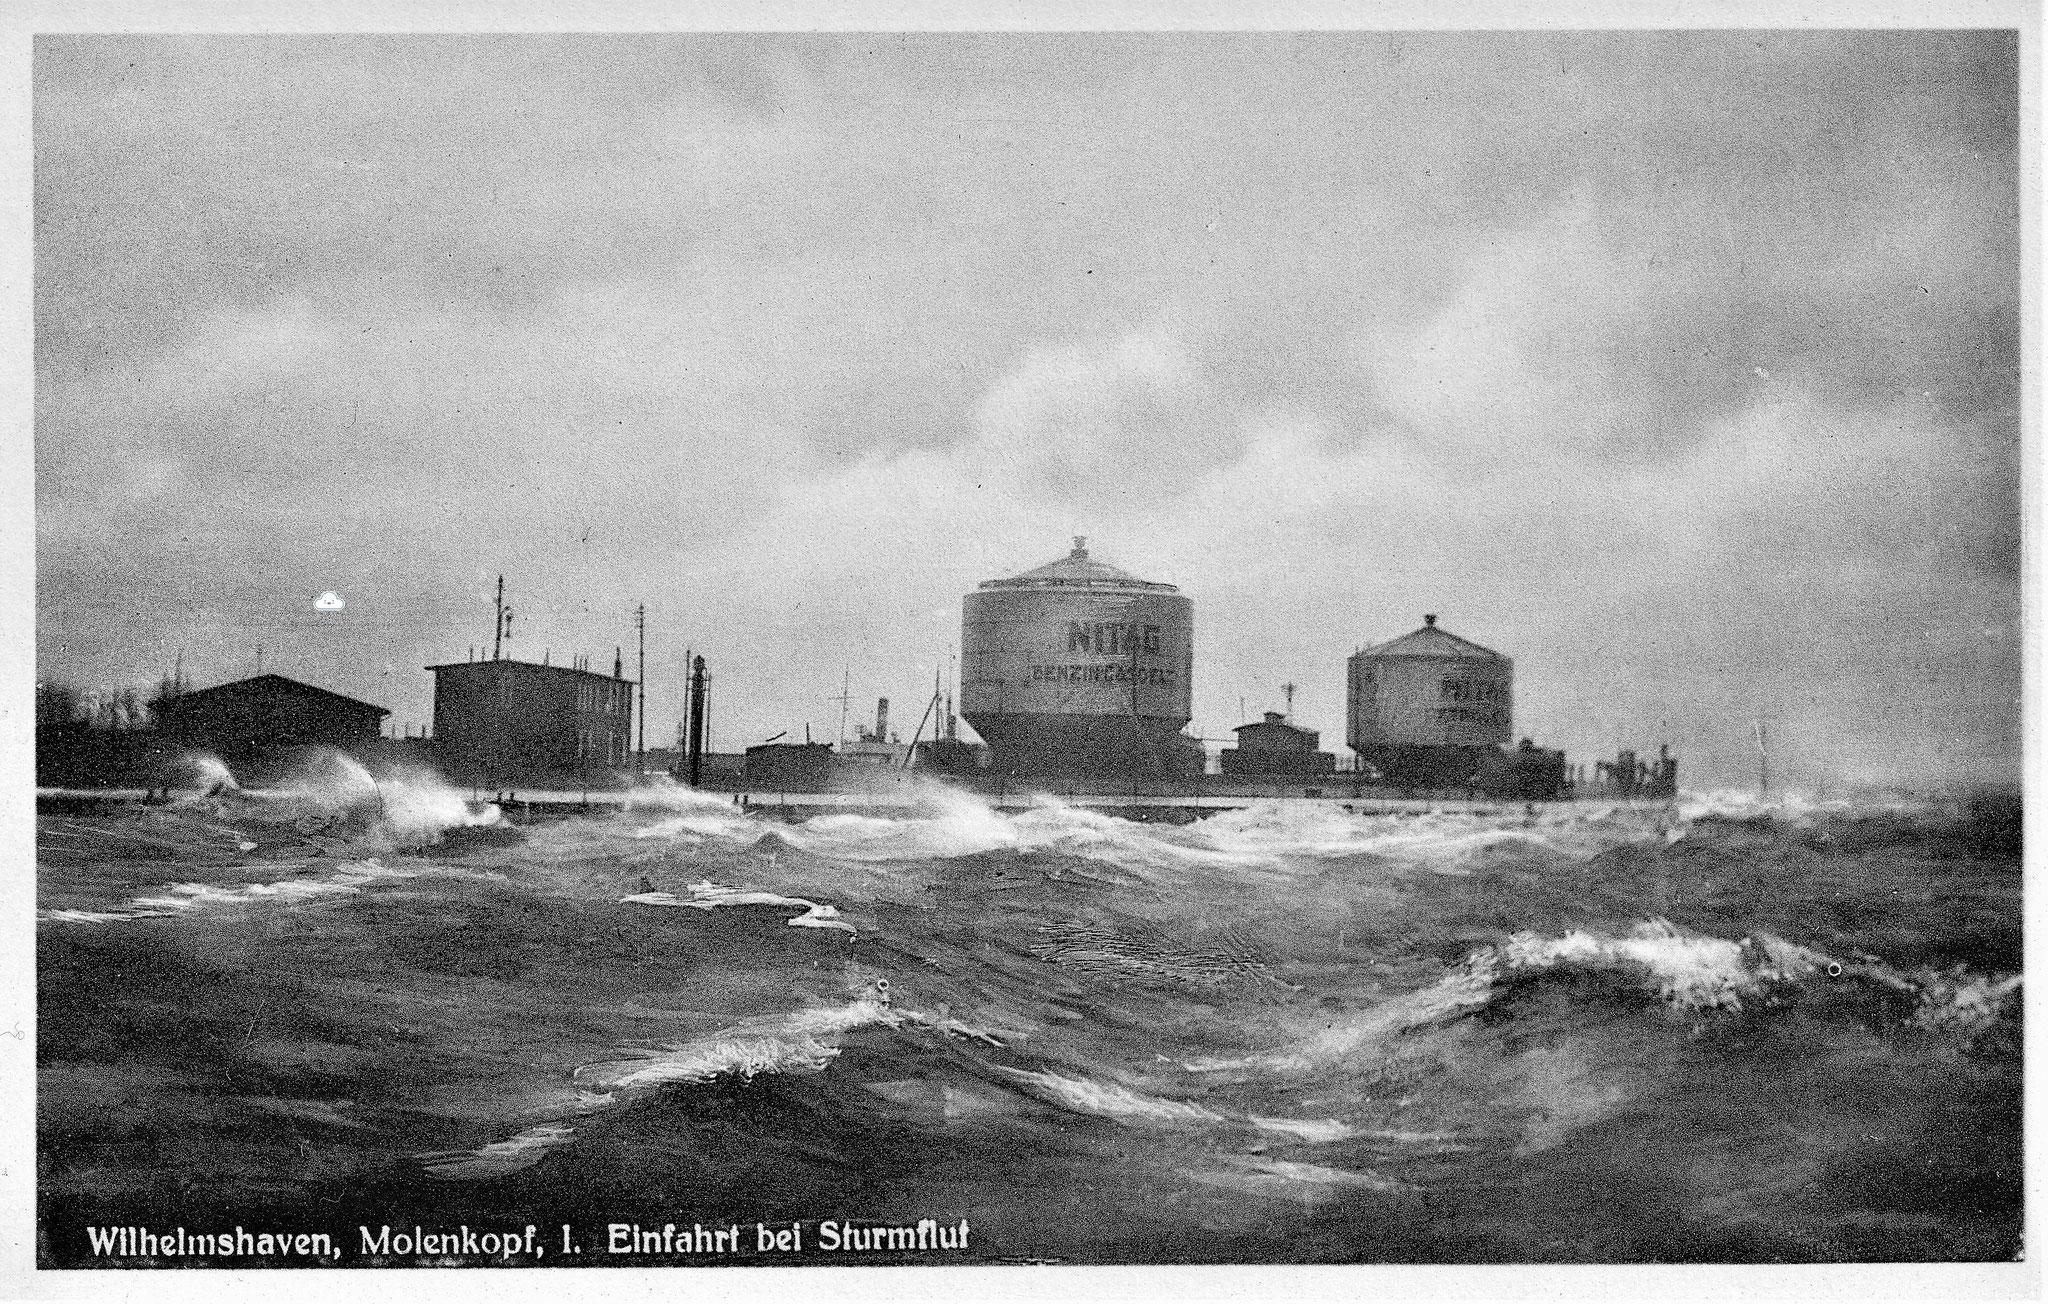 Die Behälter 1 und 2 am Molenkopf der 1. Einfahrt auf einer Karte aus den 20er/30er-Jahren. Deutlich zu sehen die NITAG-Beschriftung